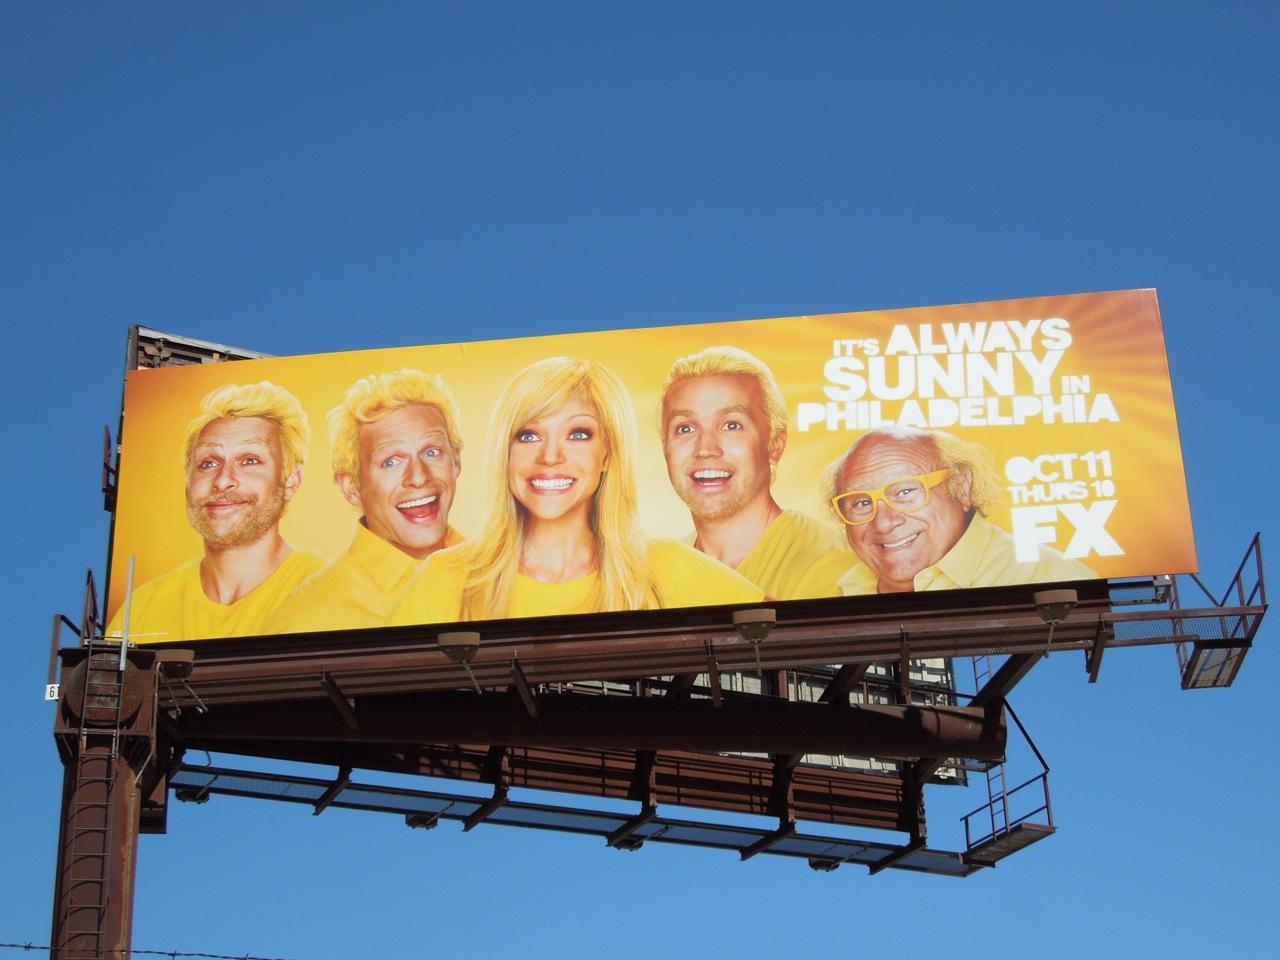 http://2.bp.blogspot.com/-u63VqQAO0Ko/UHSZ1AFlTJI/AAAAAAAA2Eg/1zrT9mUamos/s1600/sunny+philadelphia+season8+billboard.jpg